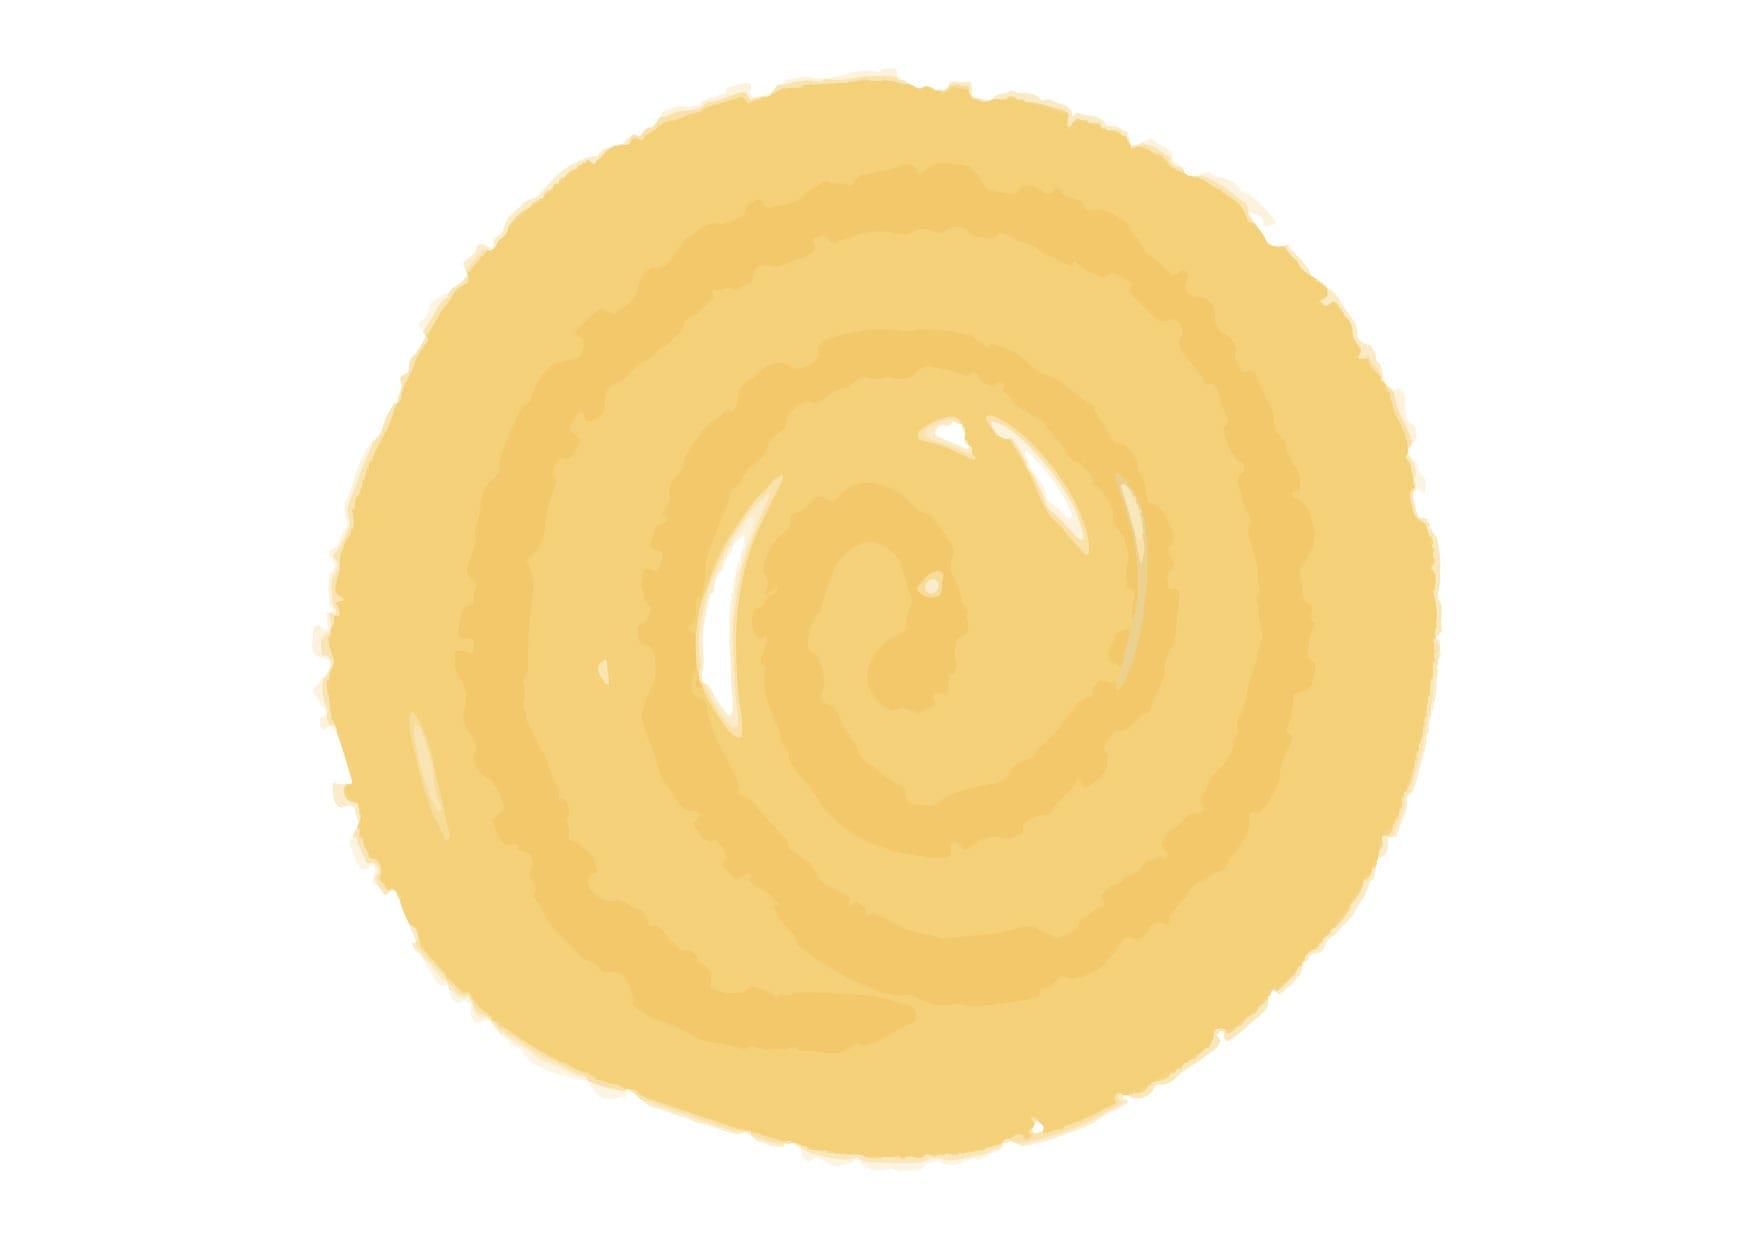 可愛いイラスト無料|水彩 背景 フレーム 黄色 − free illustration  Watercolor background frame yellow